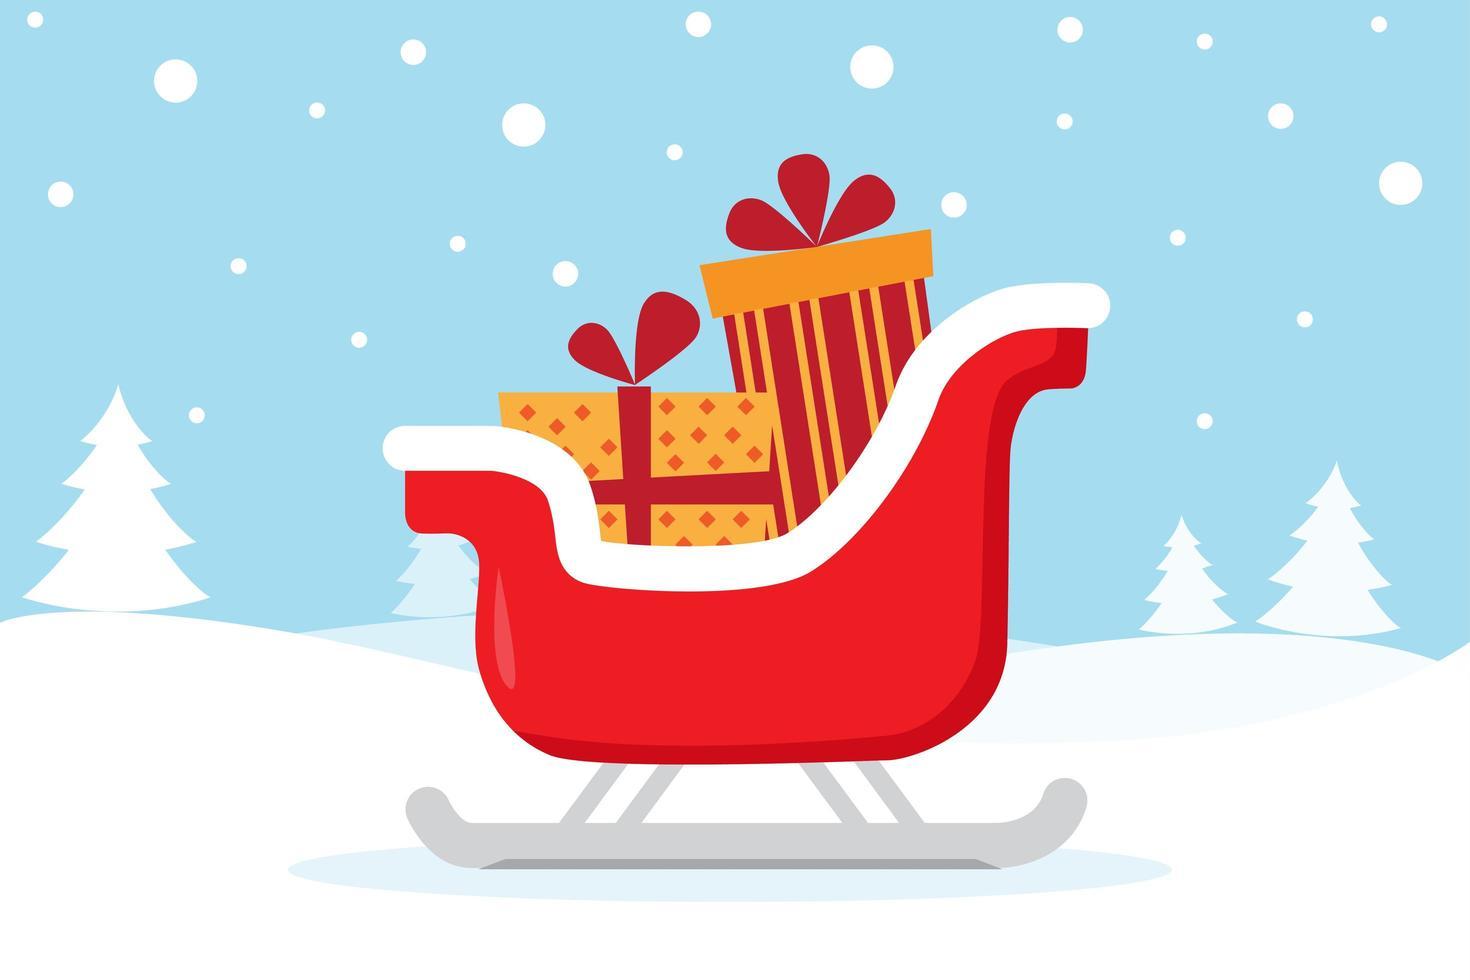 Weihnachtskarte mit Schlitten in der Winterszene vektor